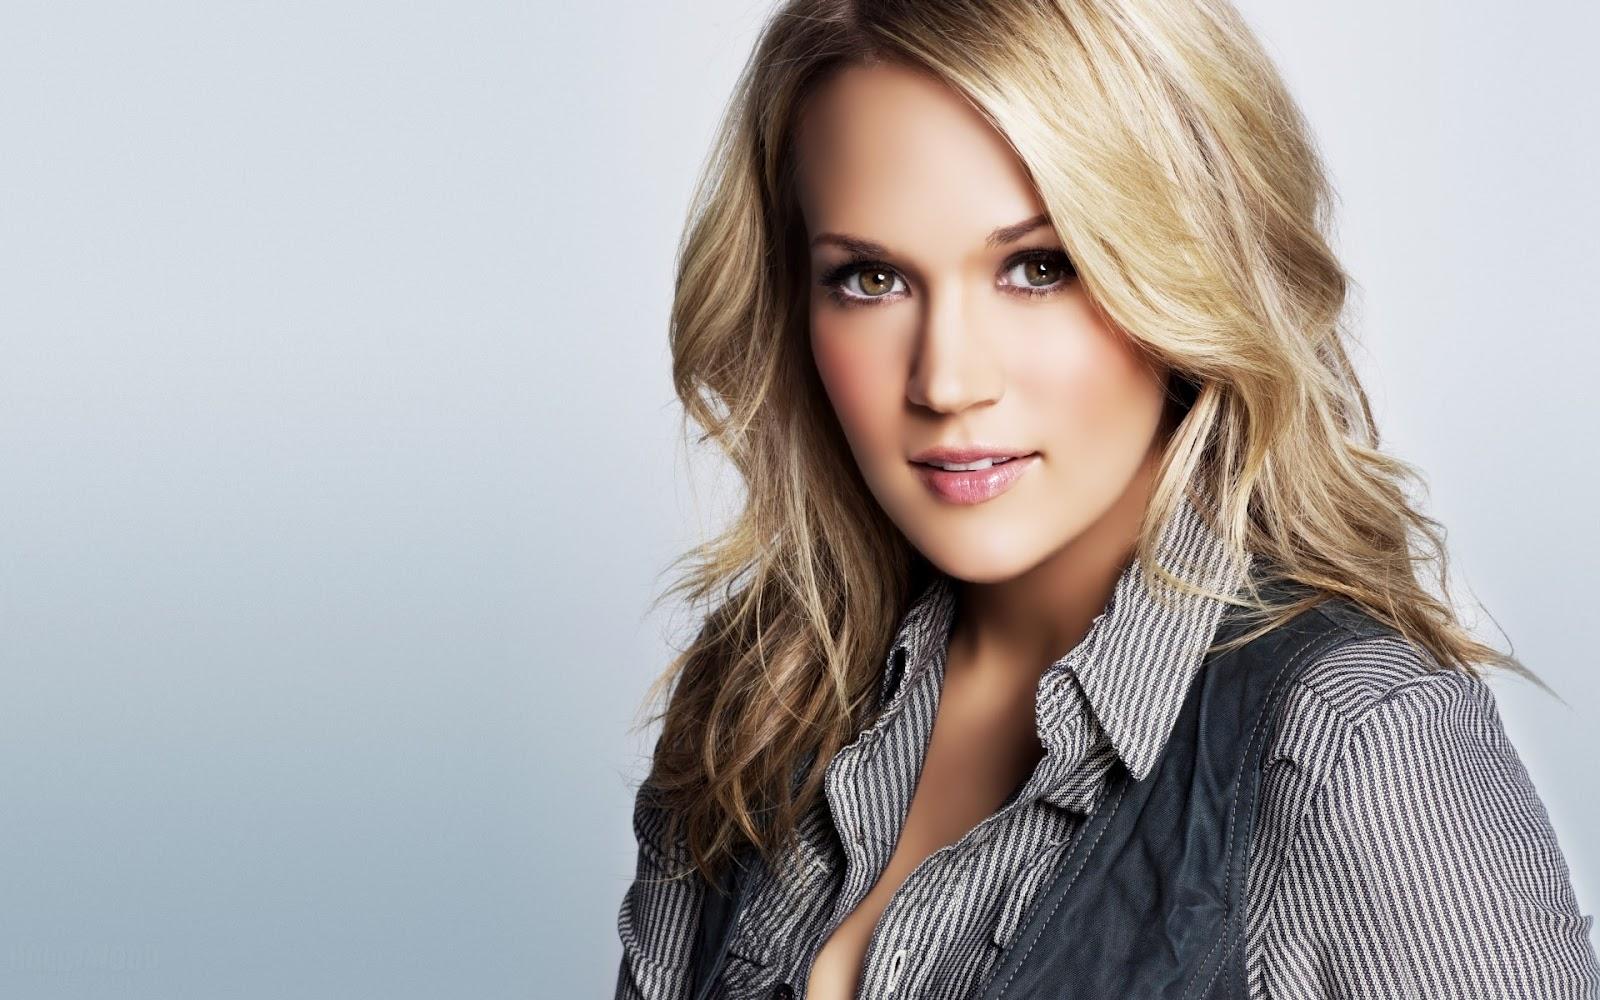 Trending: Fox Trending Now: Carrie Underwood